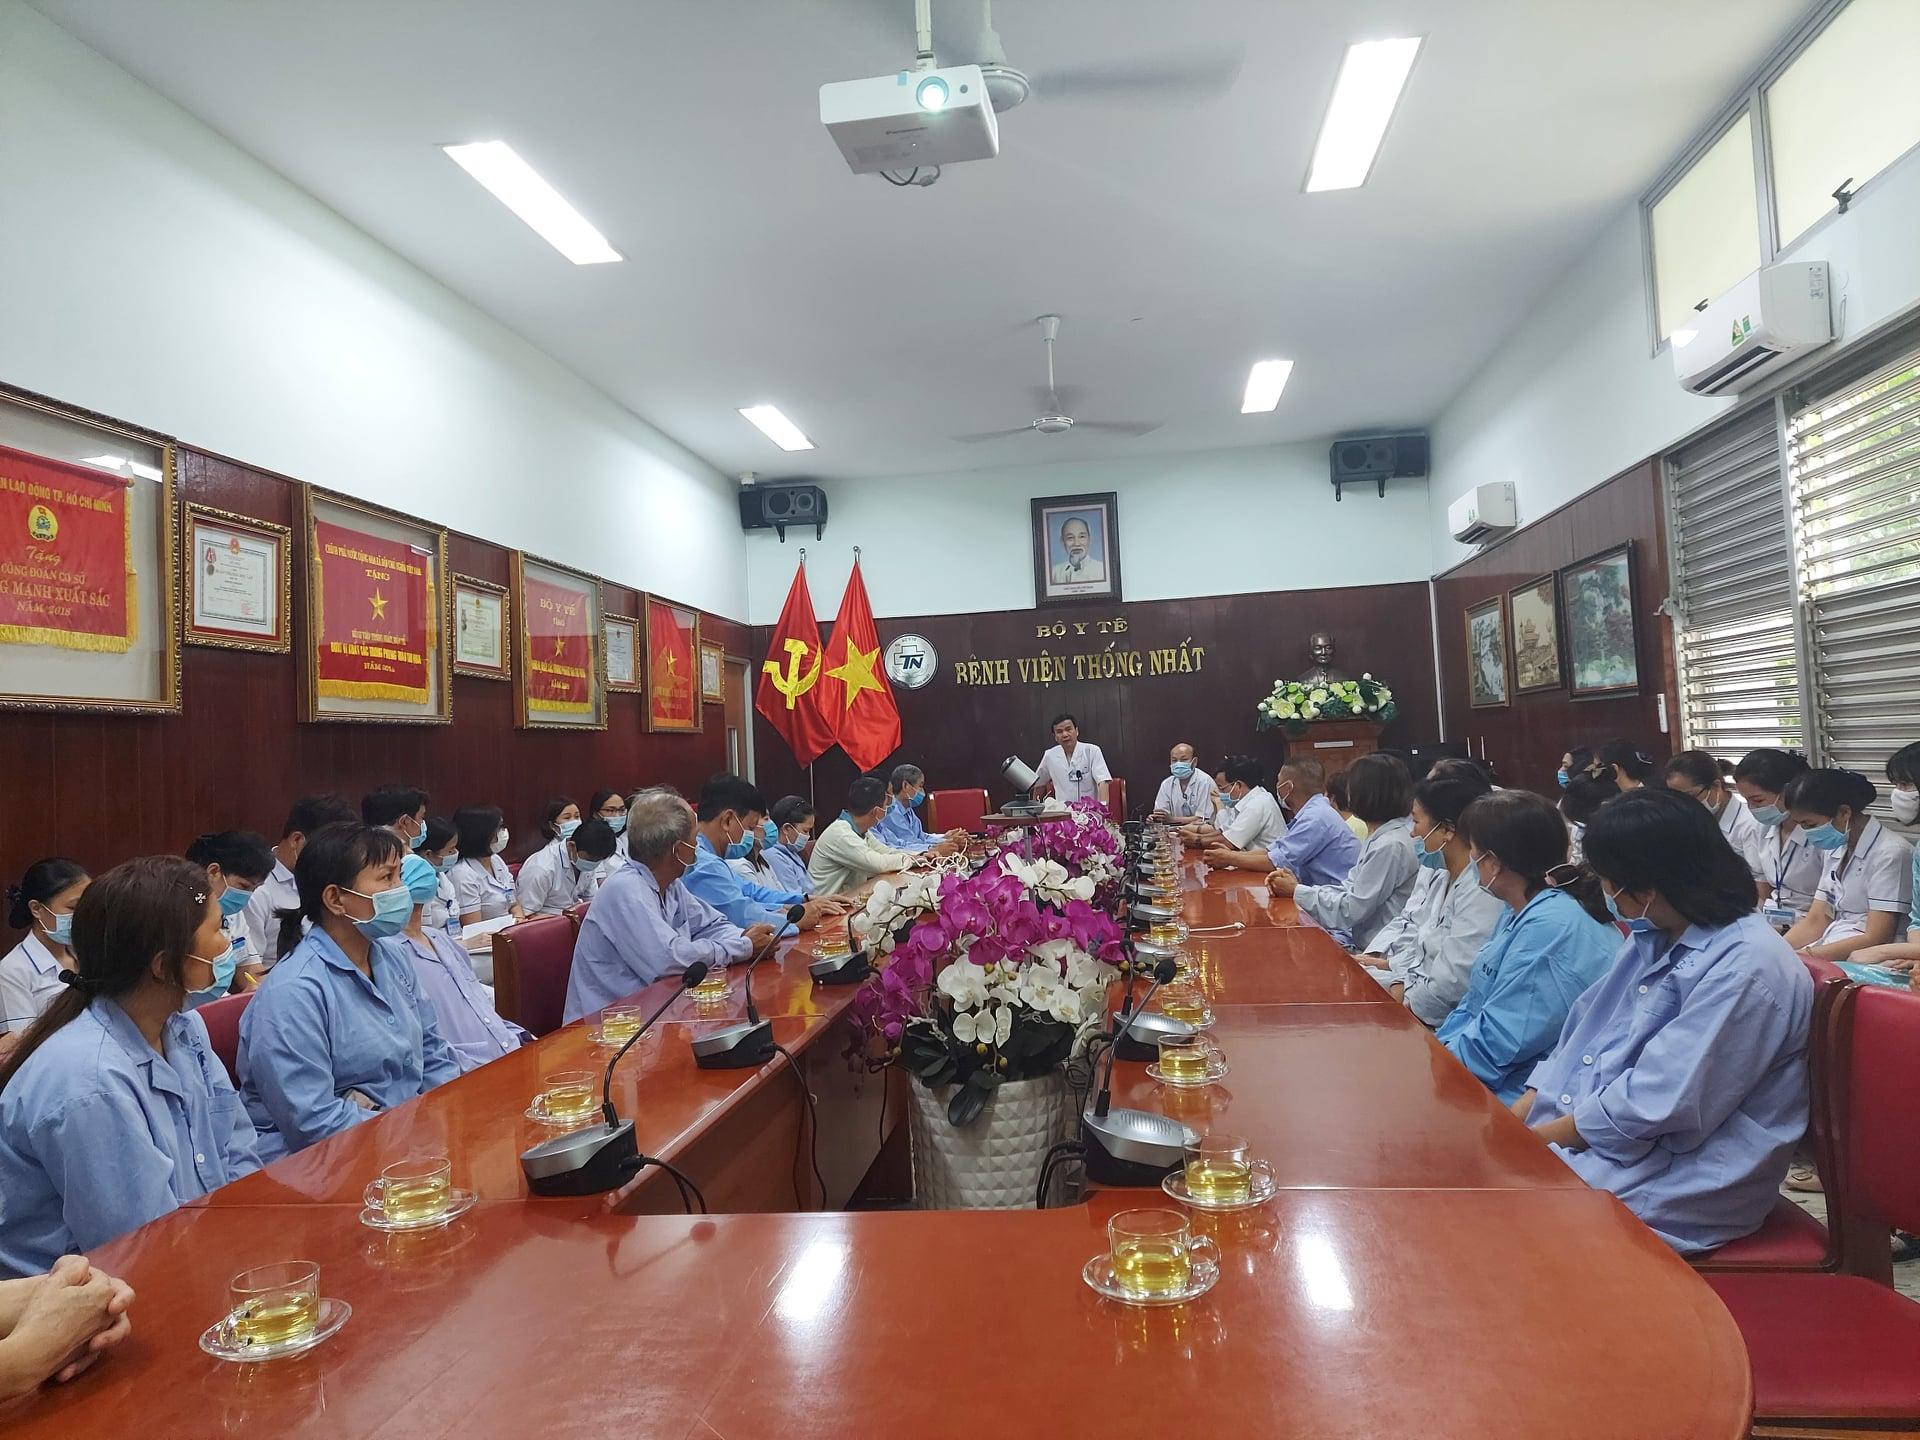 Bệnh viện Thống Nhất tổ chức họp hội đồng người bệnh